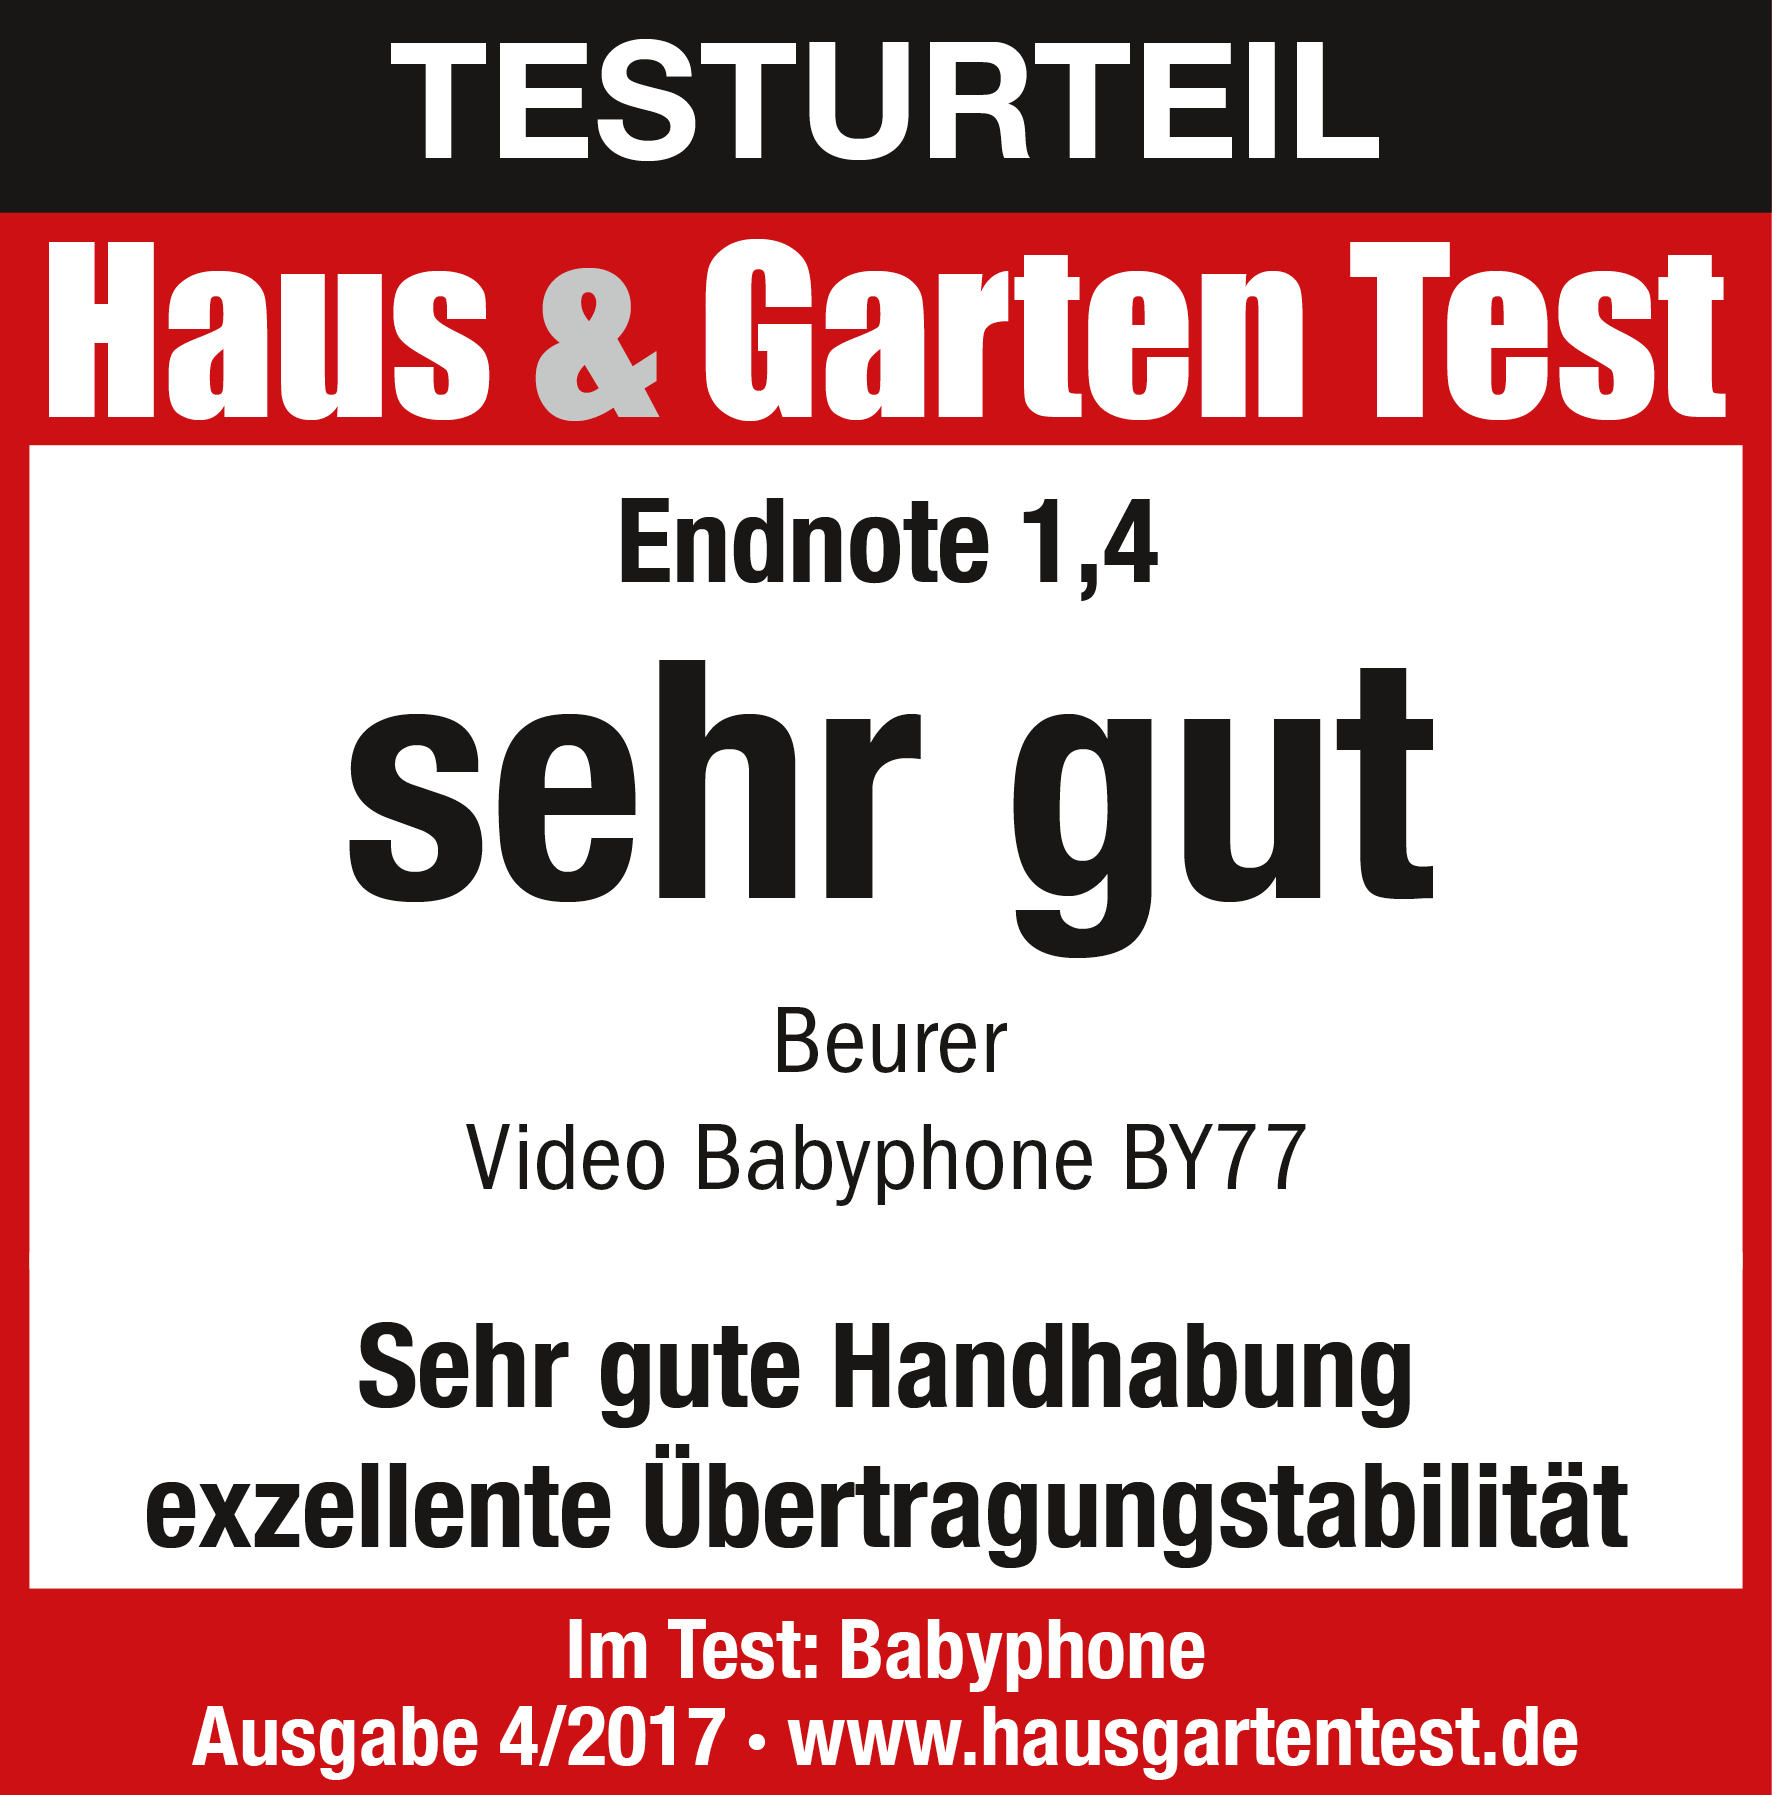 Testurteil: (1,4) gut für das Babyphone BY 77, 04/2017